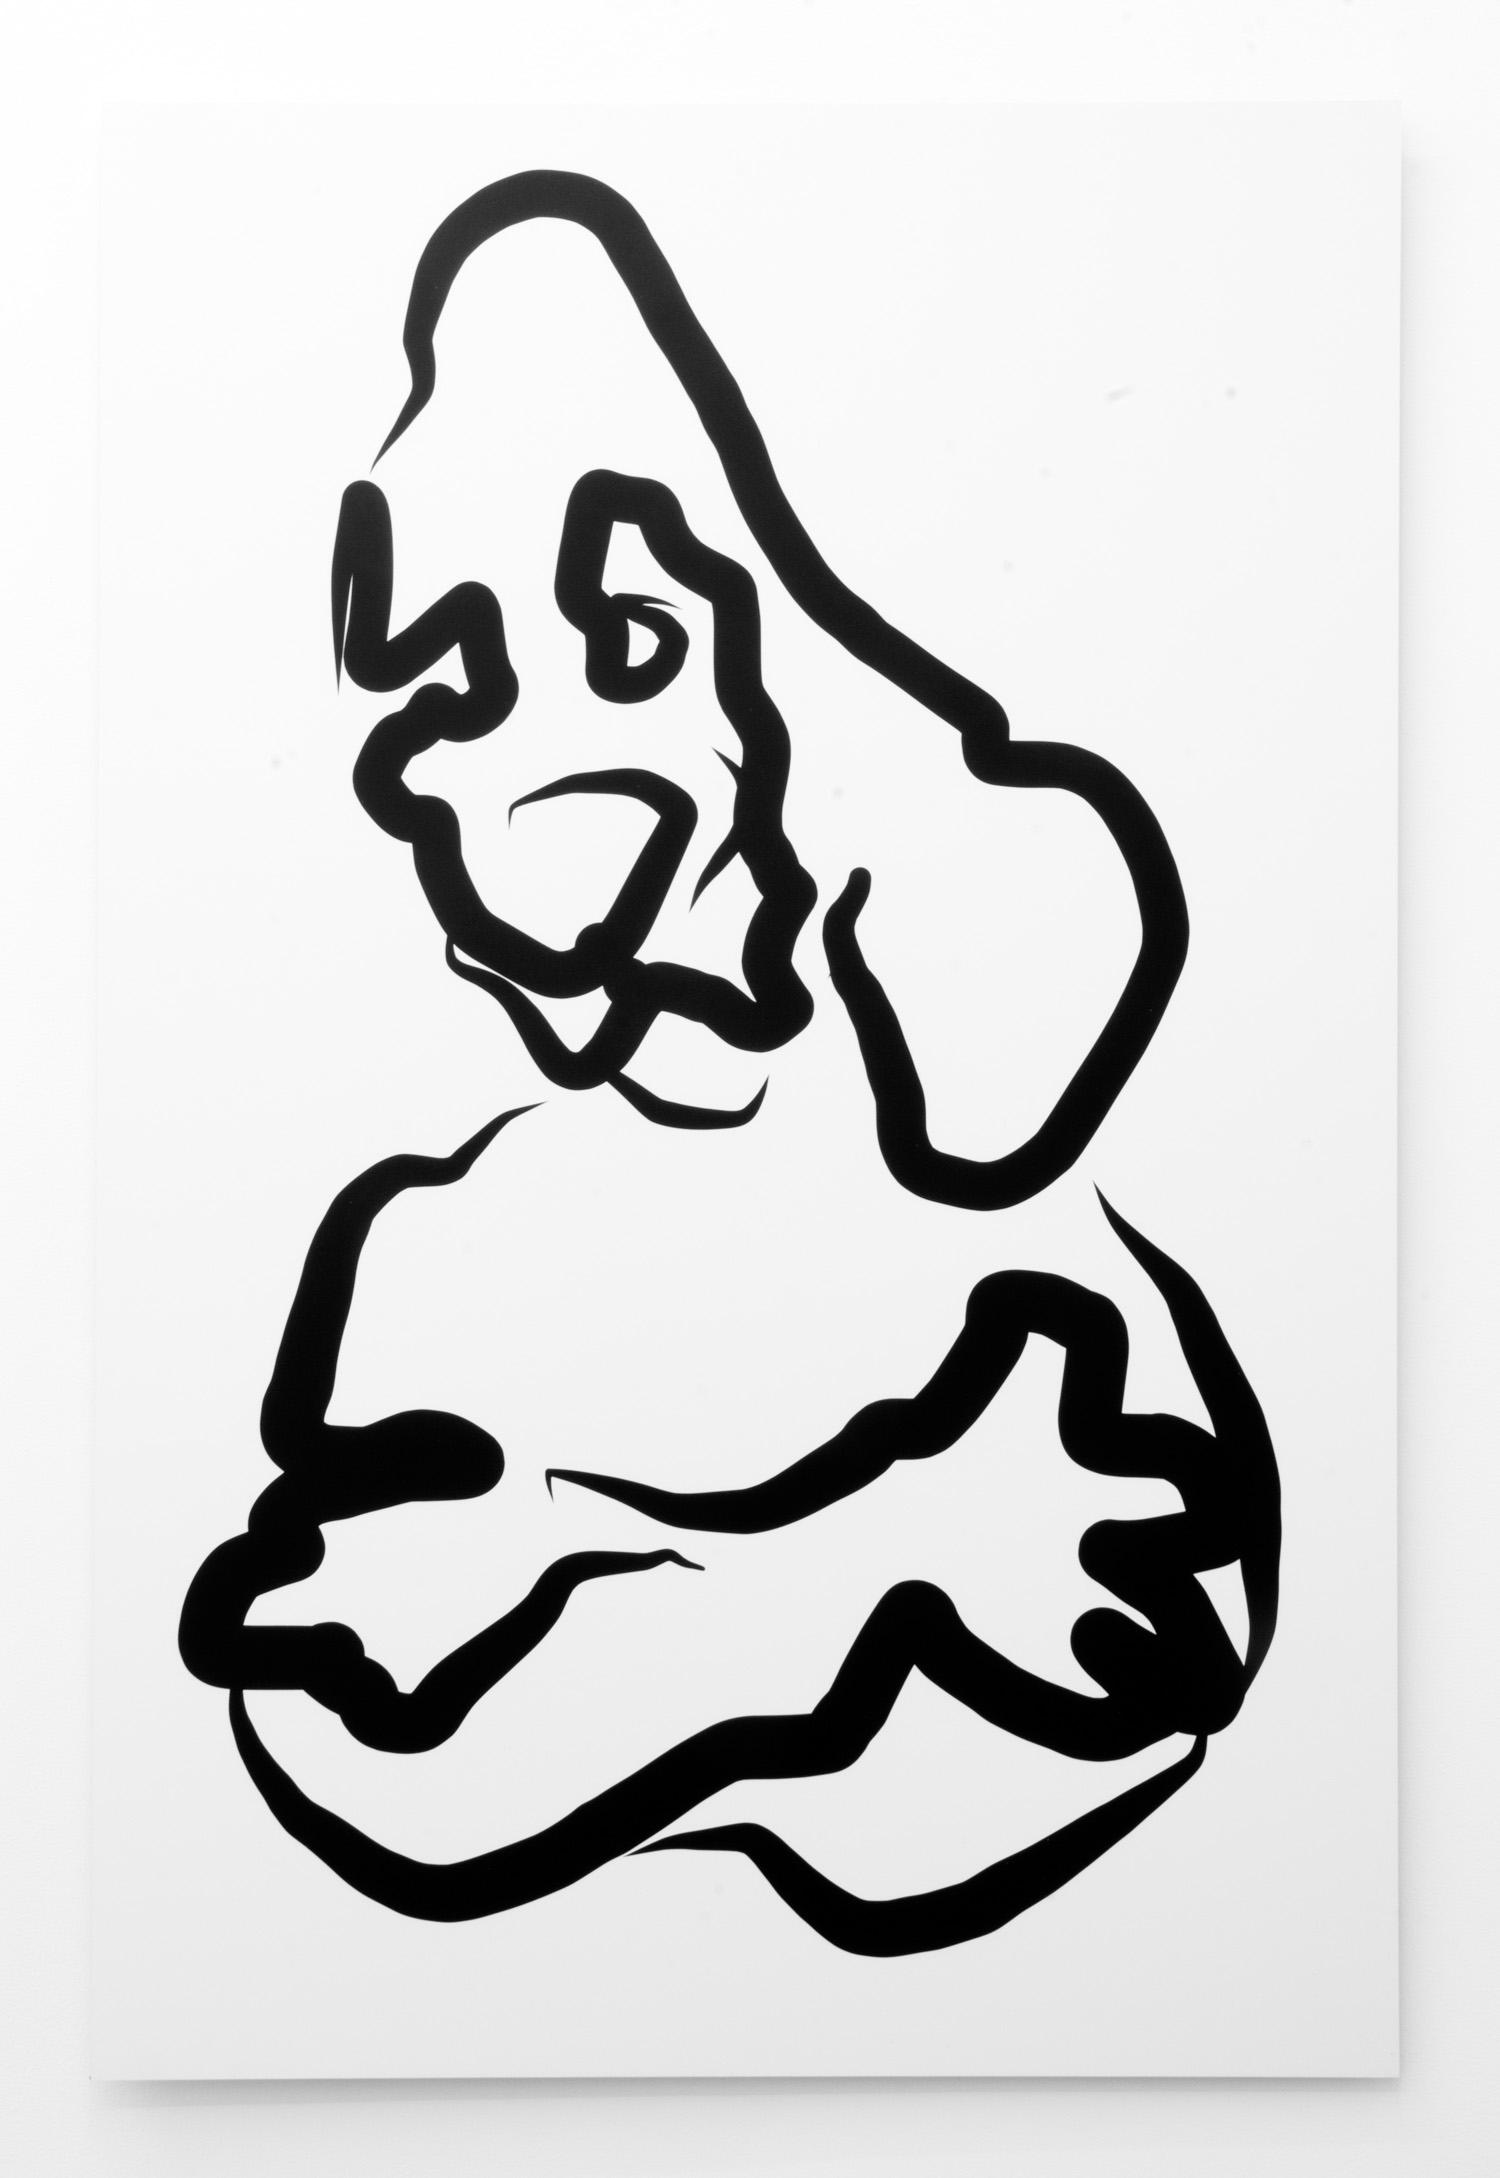 Jon Knight, Untitled , 2012, inkjet on di-bond, 100 x 66 cm.